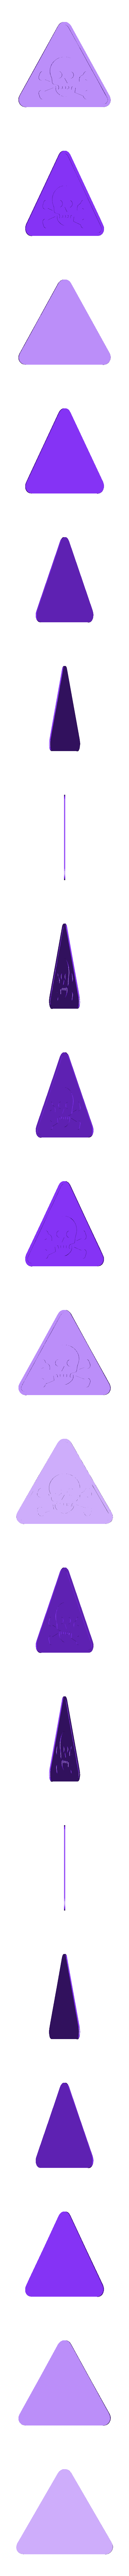 skull_warning.stl Download free STL file SKULL WARNING sign • 3D printer design, becker2